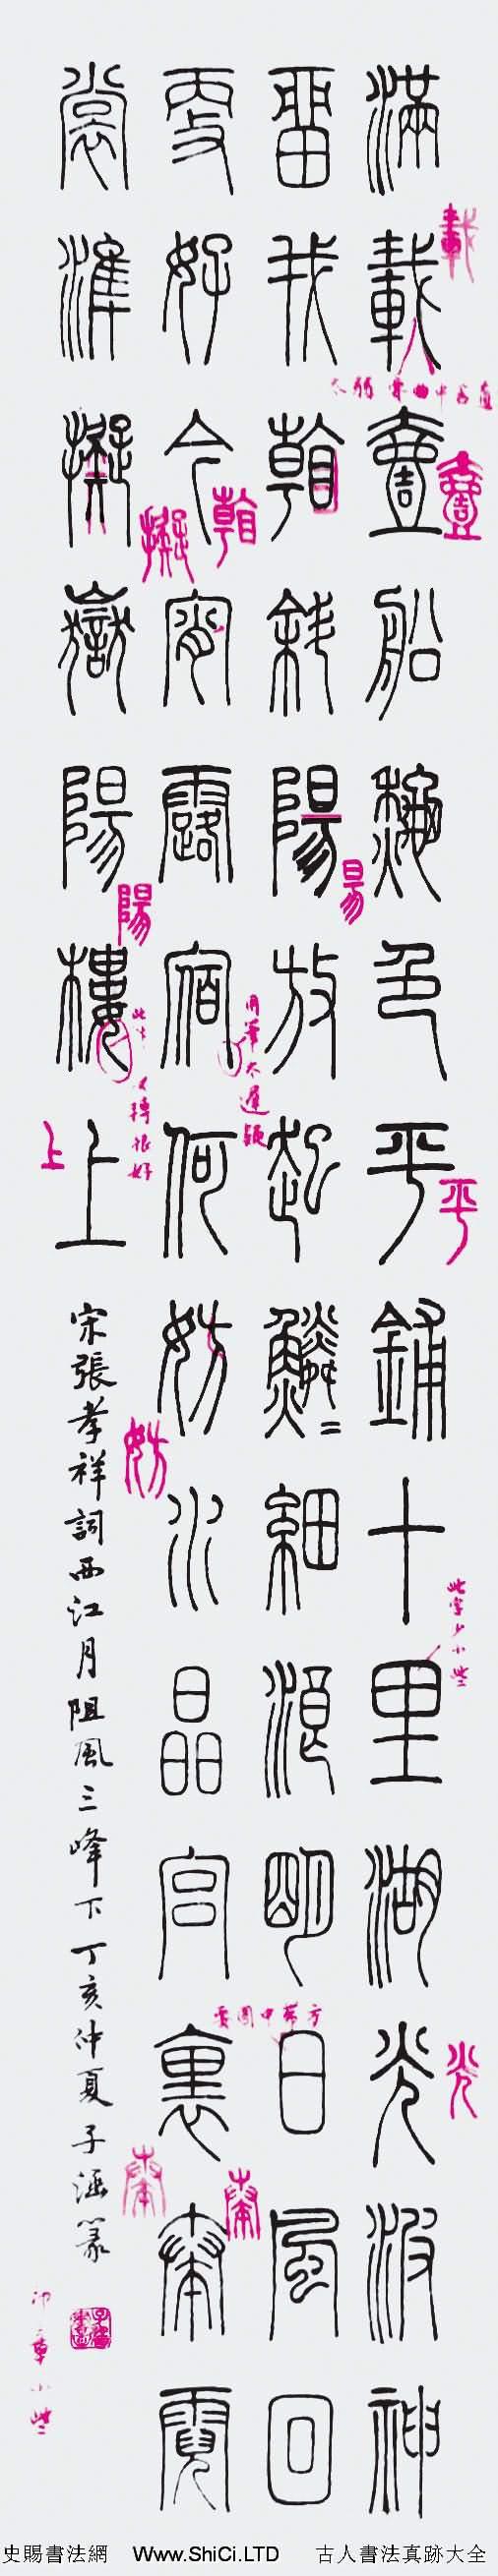 劉顏濤評改篆書作品